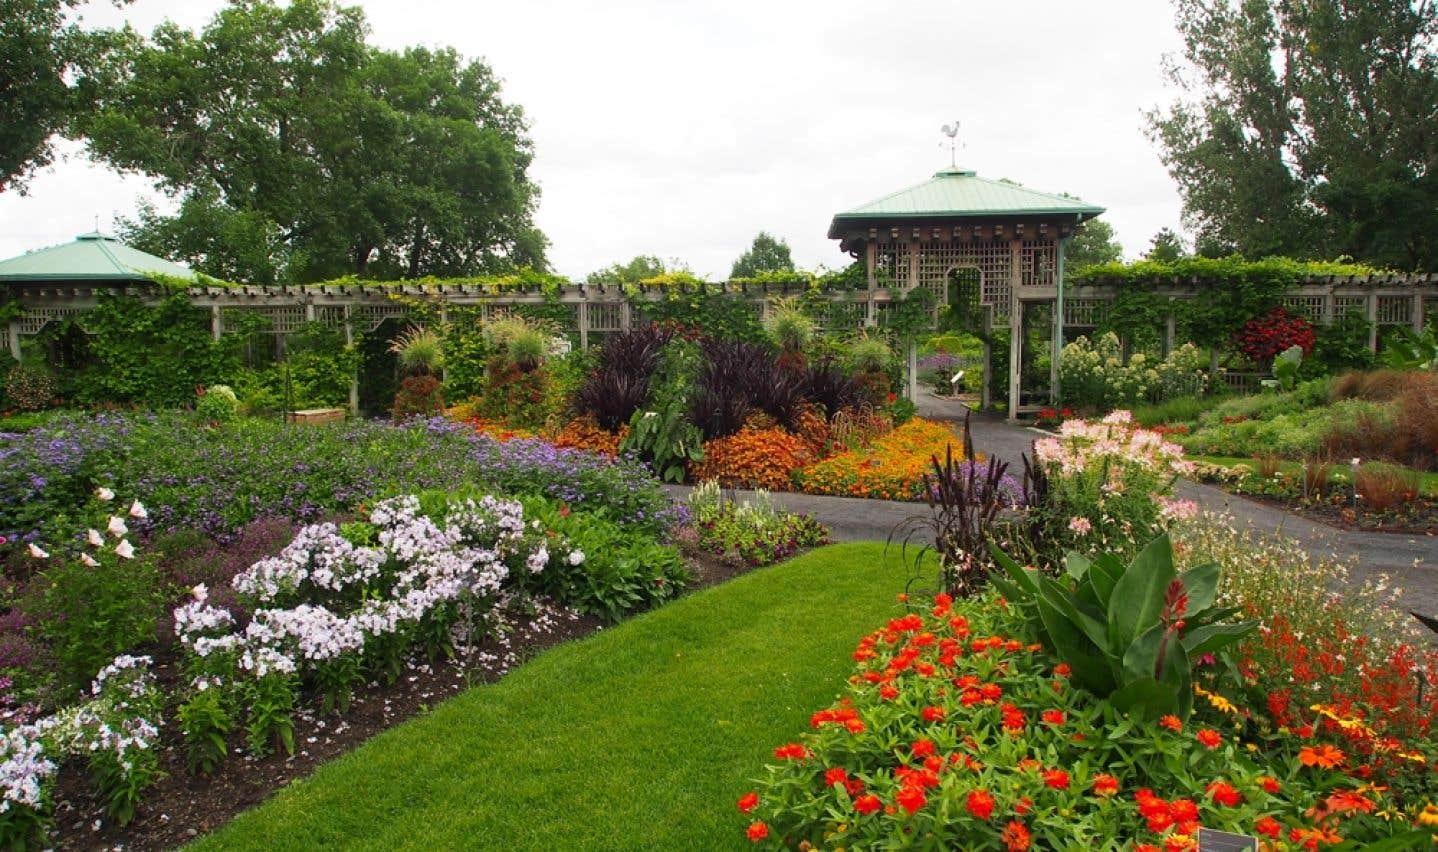 Complètement redessiné, le Jardin des nouveautés, au Jardin botanique de Montréal, prend des airs de liberté et de quiétude.